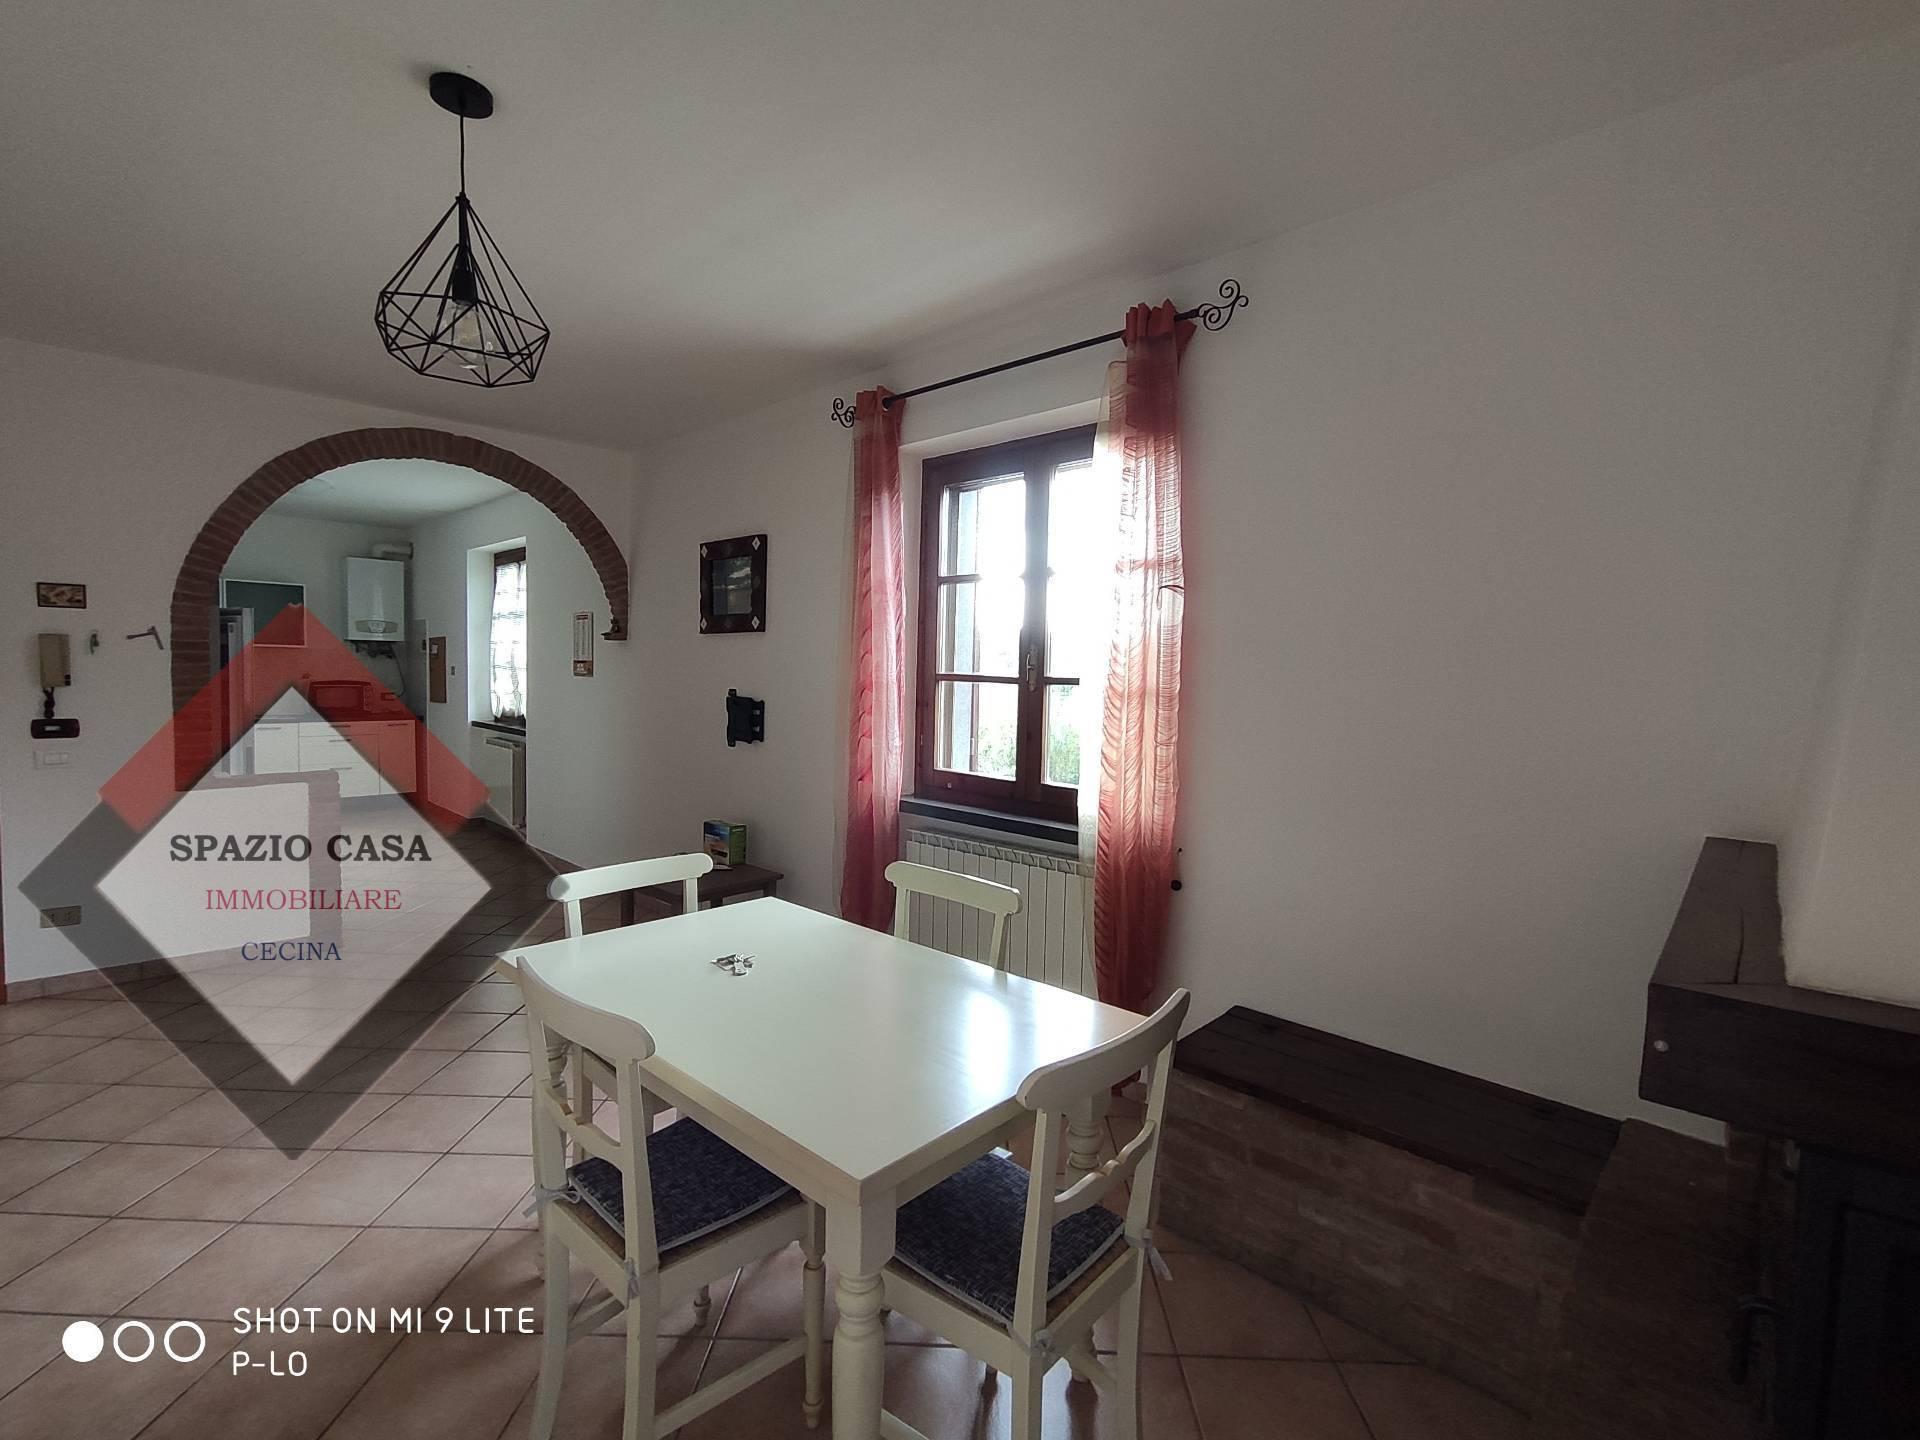 Appartamento in vendita a Riparbella, 4 locali, prezzo € 154.000 | PortaleAgenzieImmobiliari.it